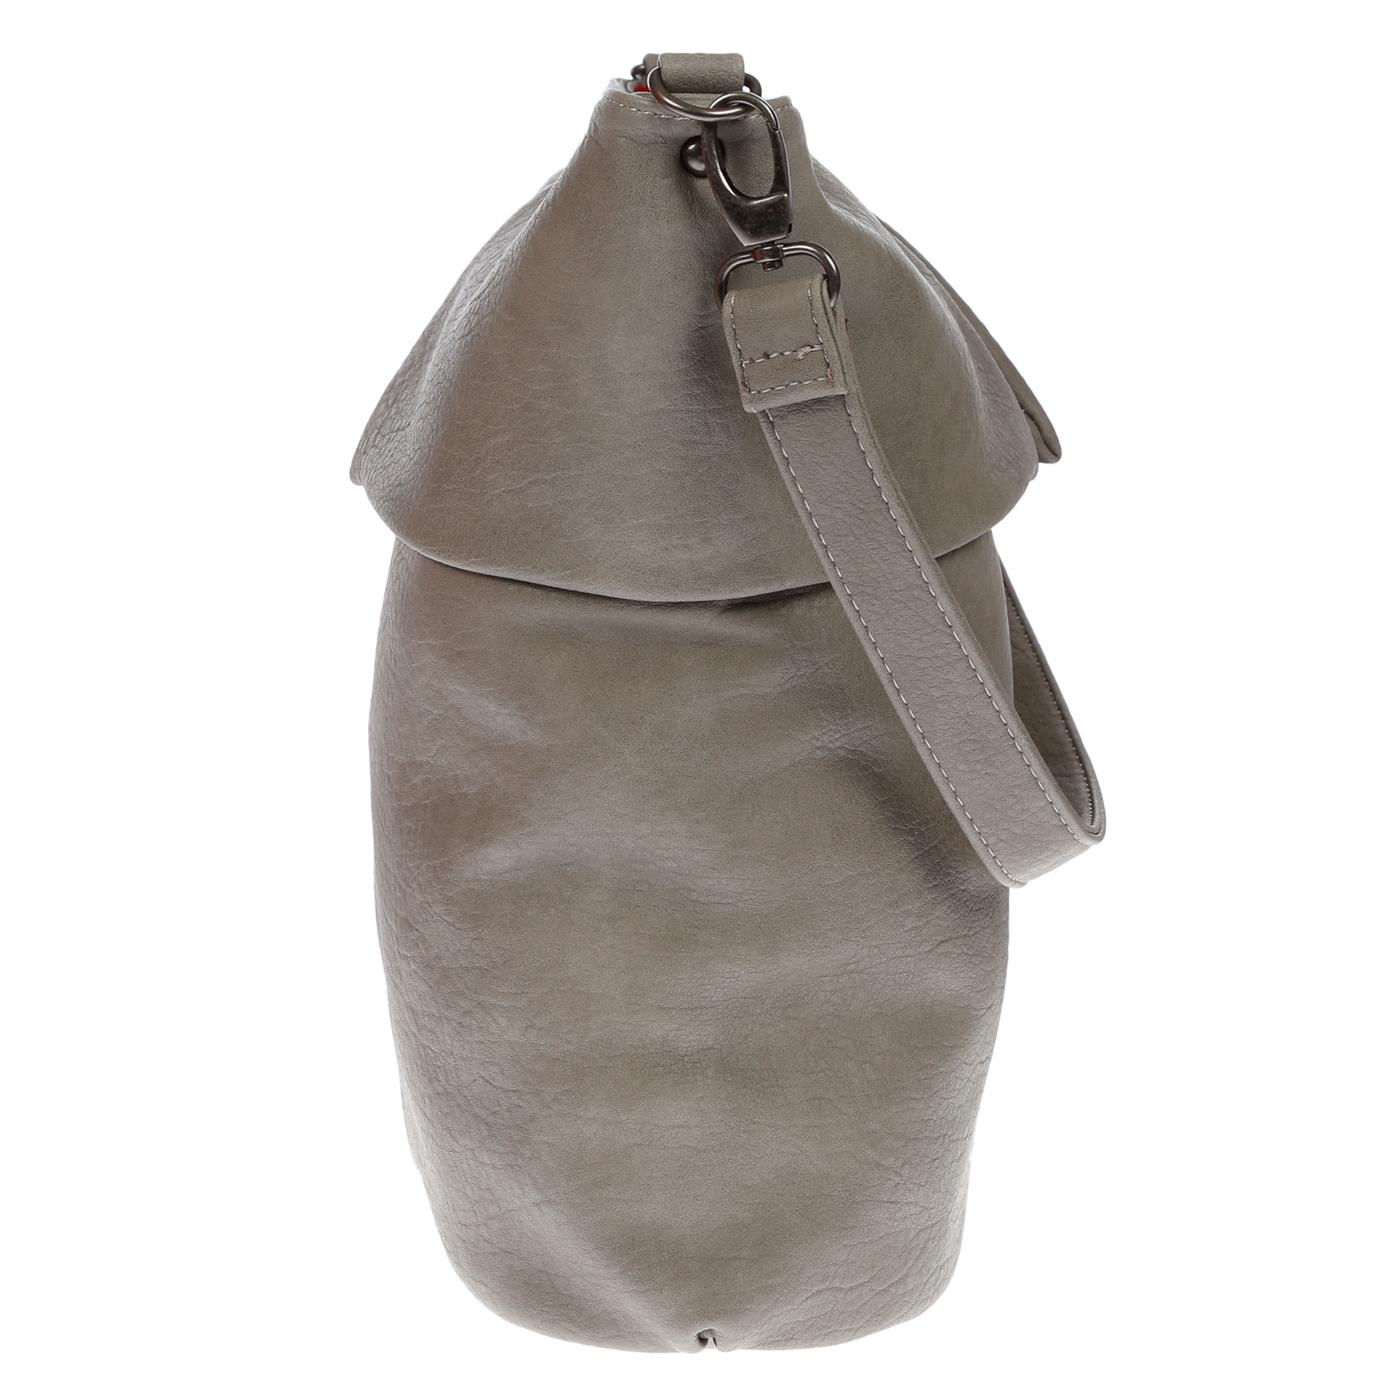 Damentasche-Umhaengetasche-Handtasche-Schultertasche-Leder-Optik-Tasche-Schwarz Indexbild 22